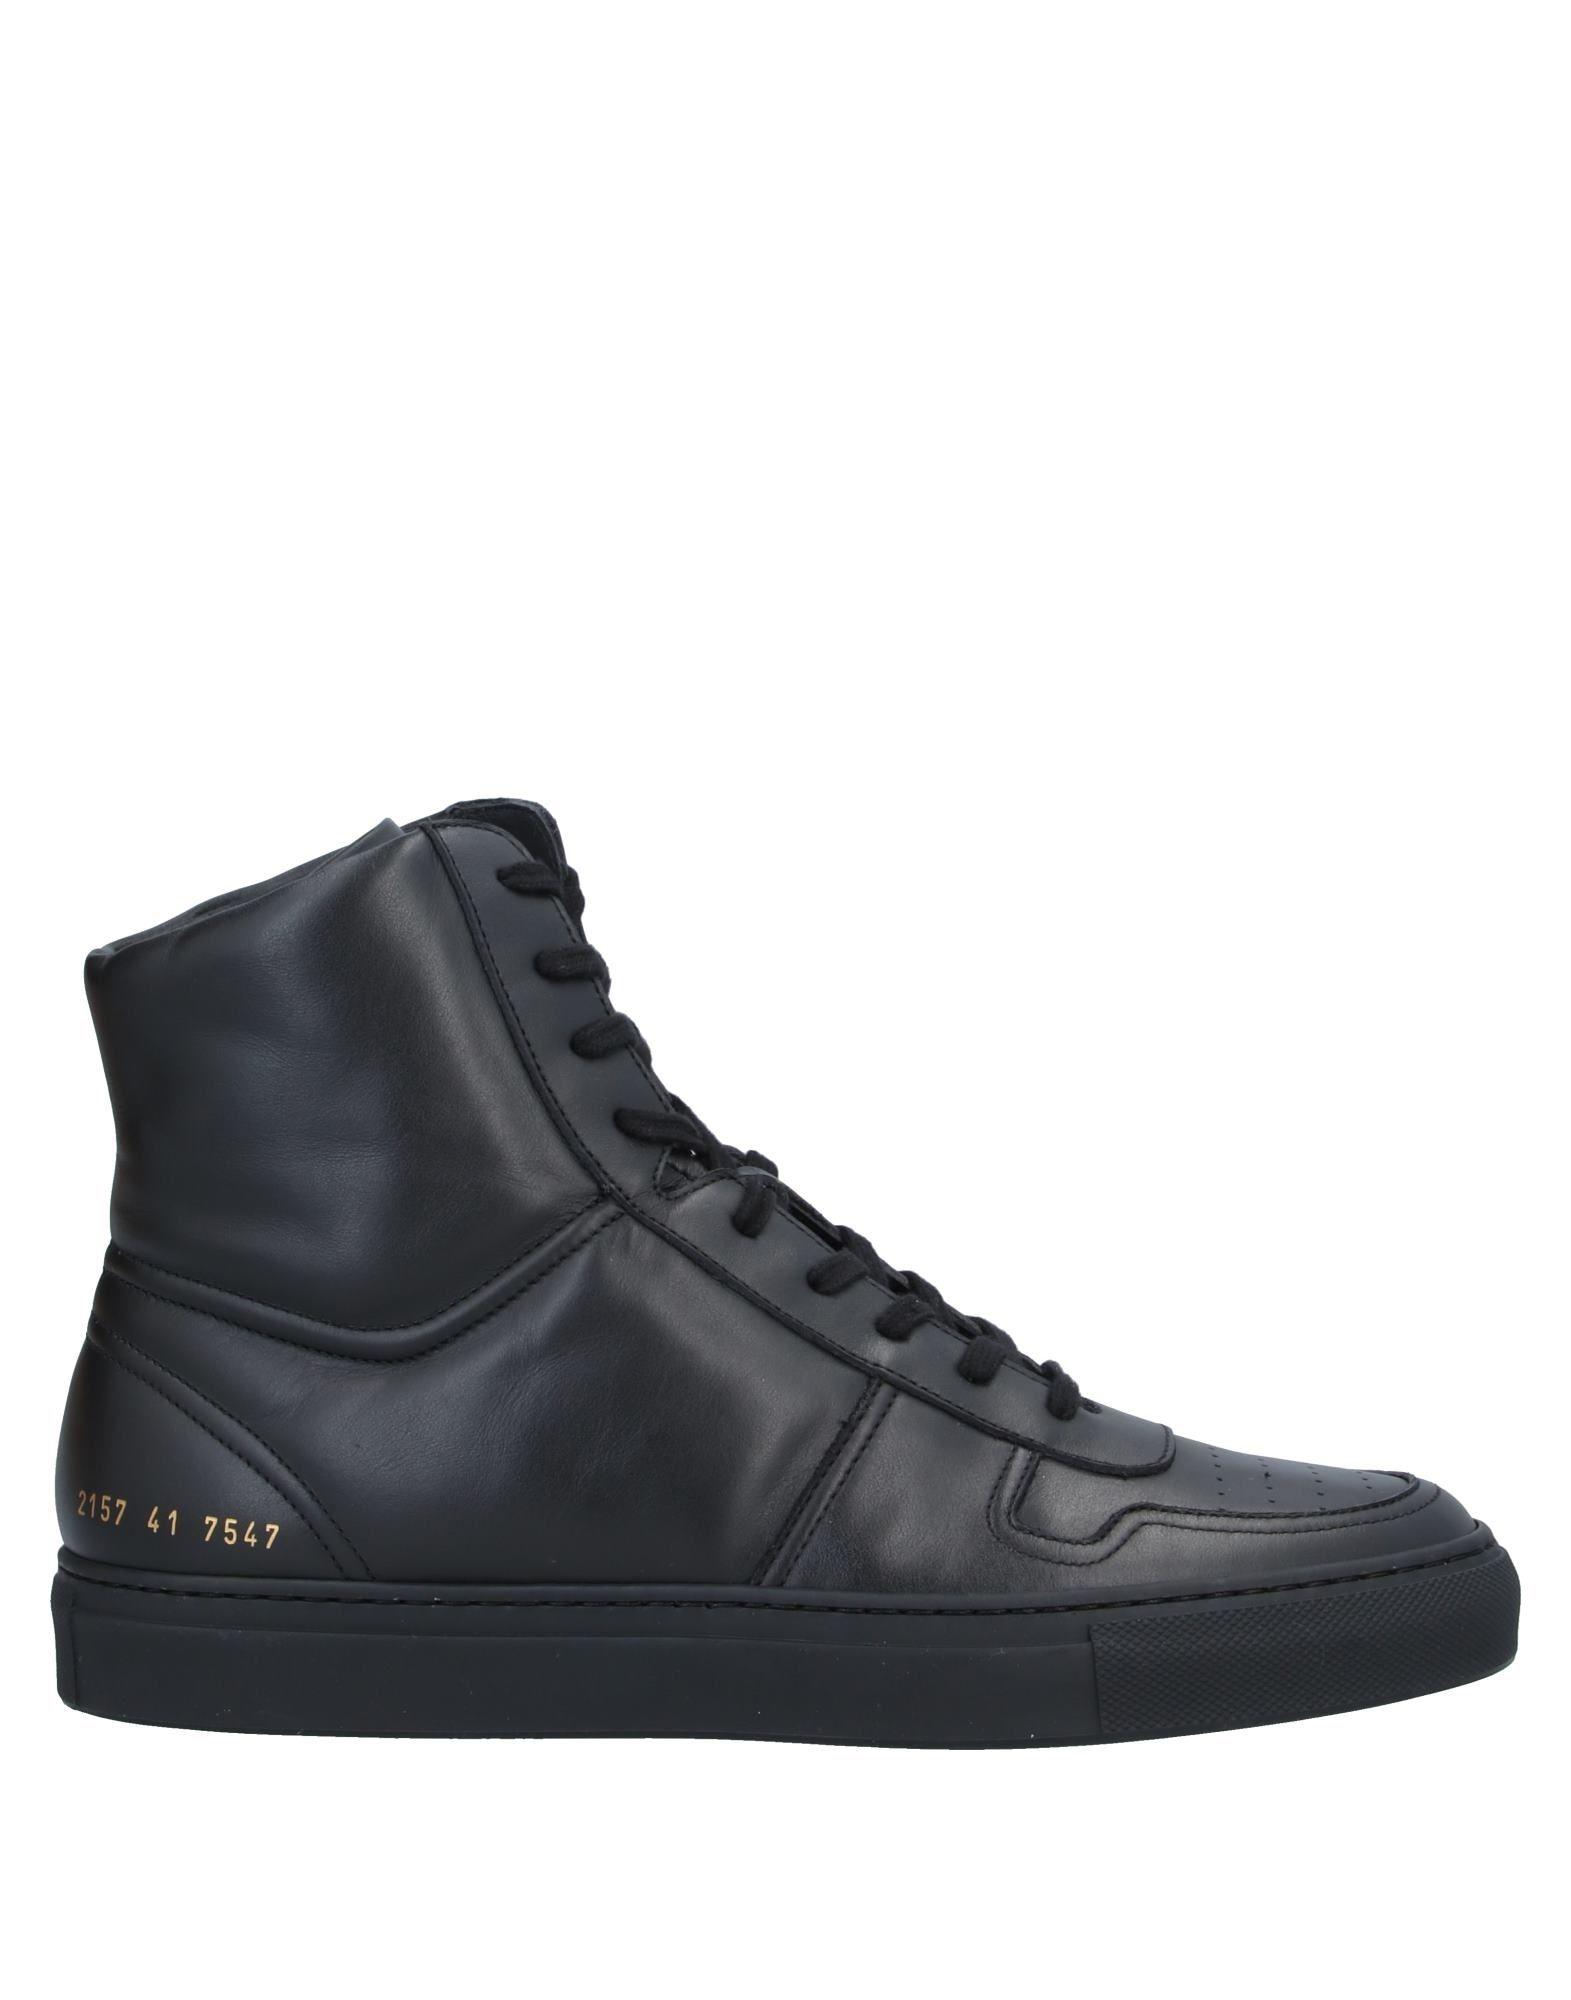 COMMON PROJECTS Высокие кеды и кроссовки демисезонные ботинки common projects obscure achilles mesh low grey page 2